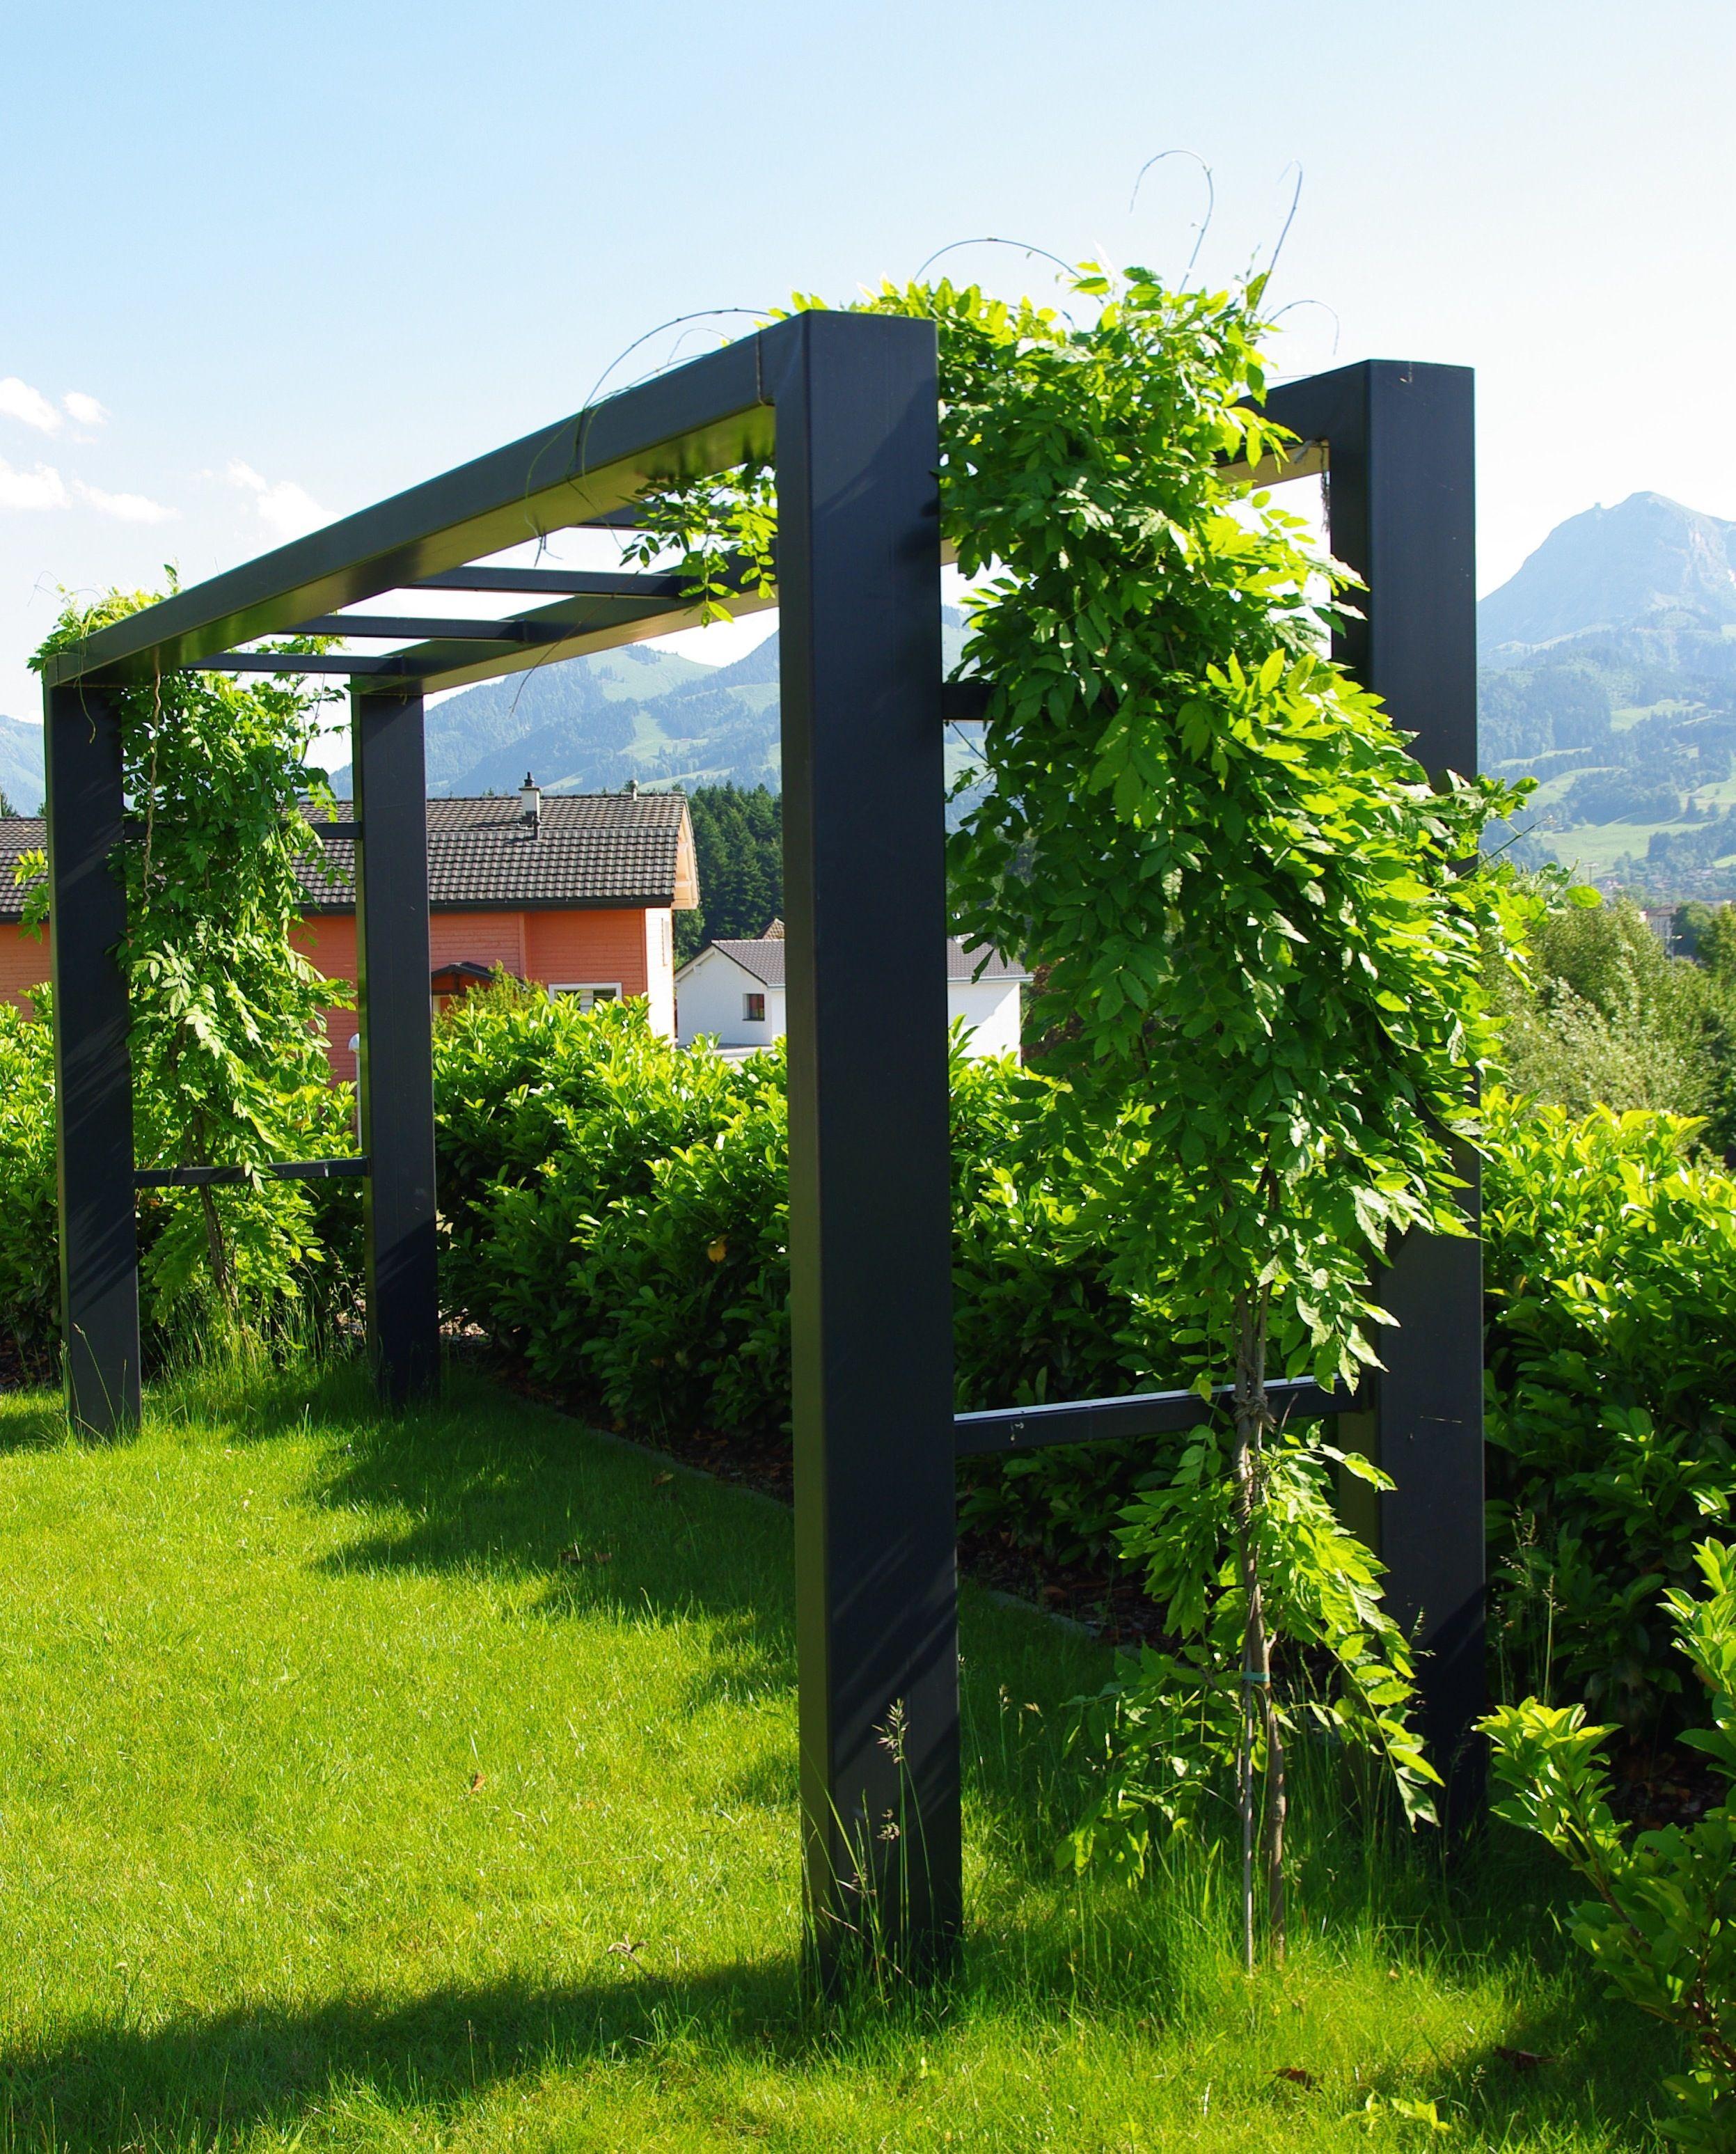 comment faire un jardin vertical fashion designs. Black Bedroom Furniture Sets. Home Design Ideas